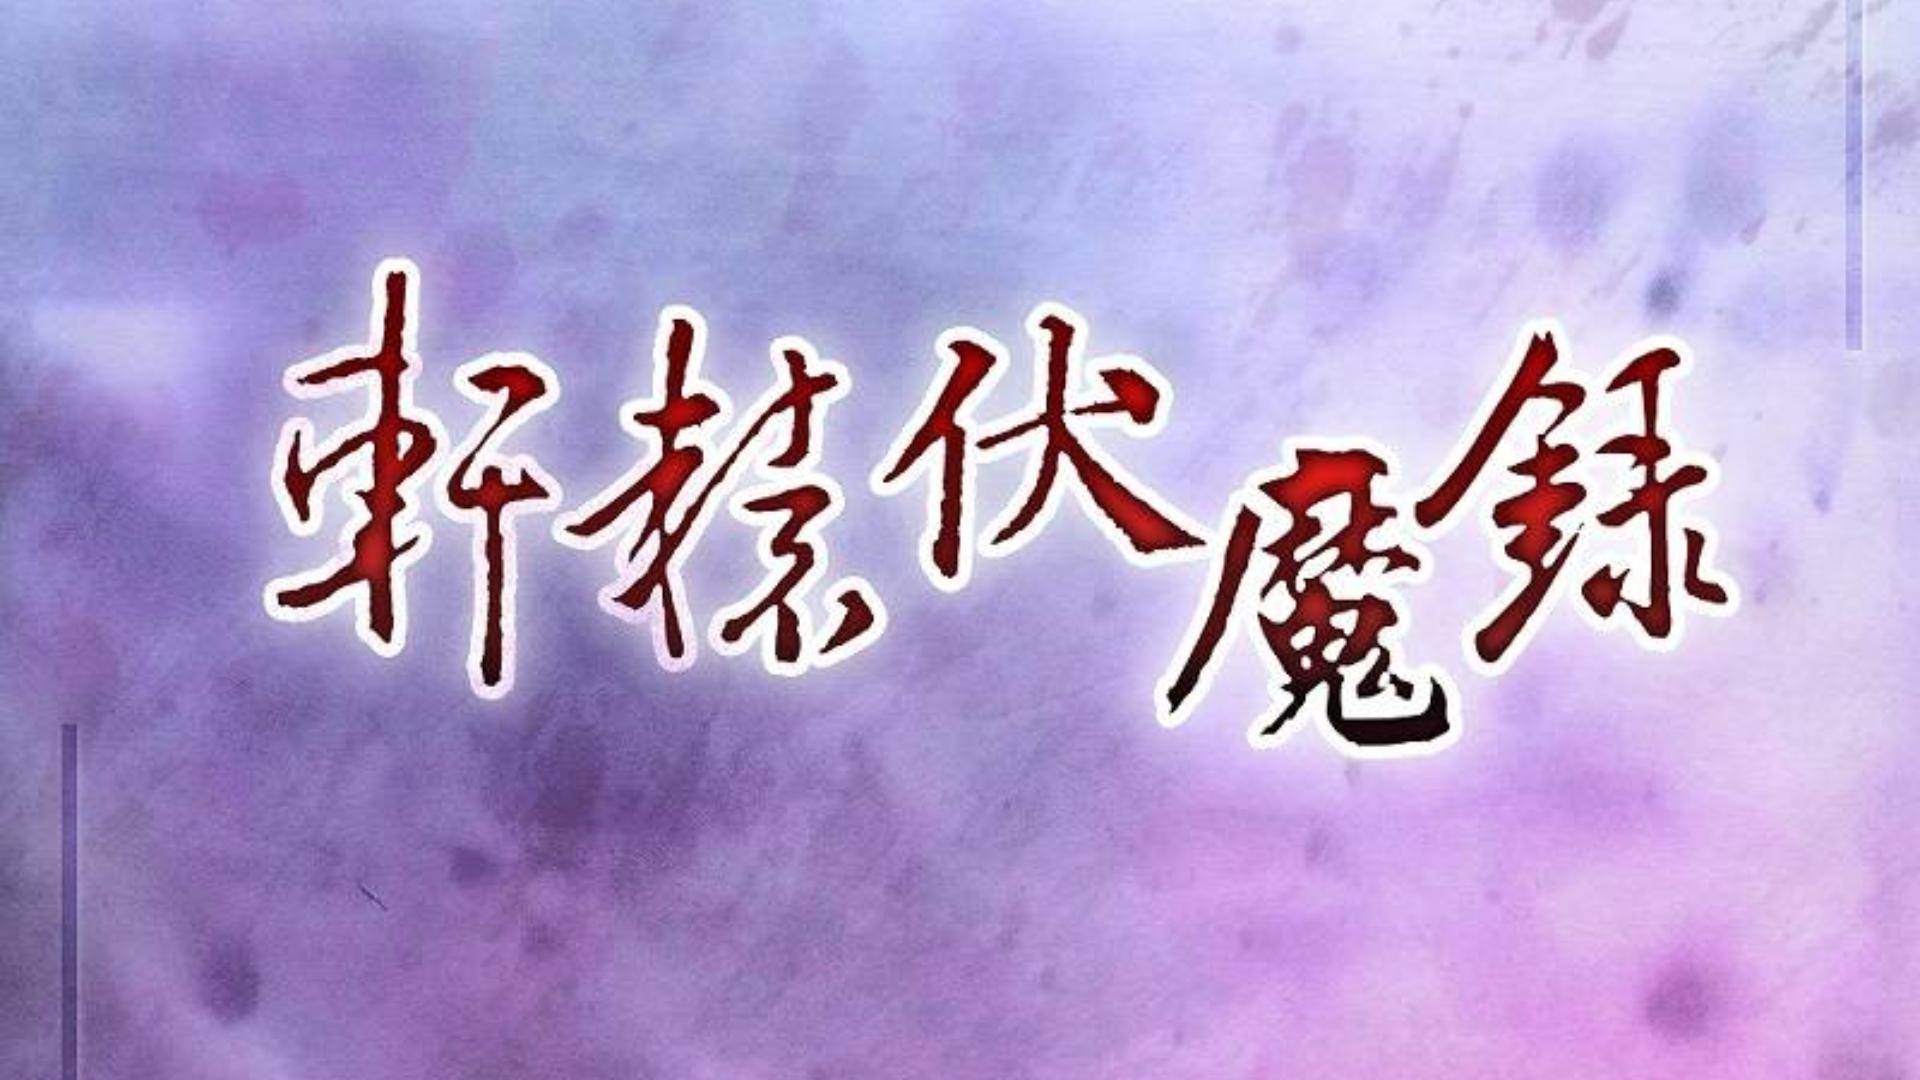 轩辕剑-轩辕伏魔录 横刀 Official Music Video